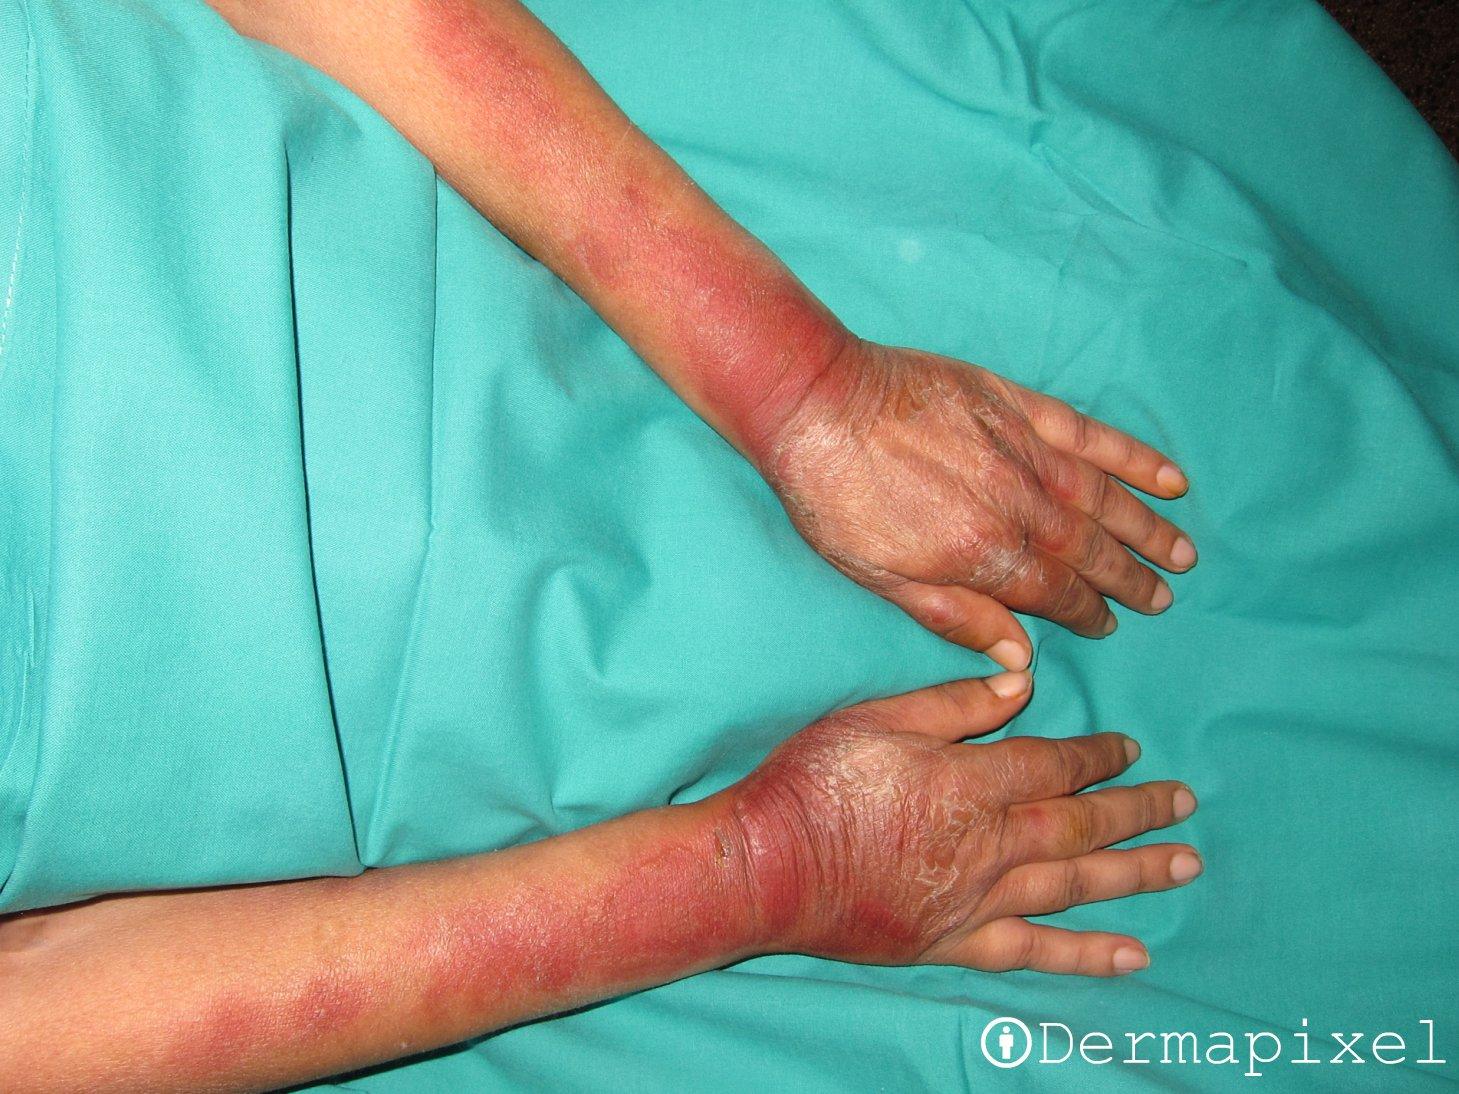 image Interna de medicina dismuladamnete me toco la verga